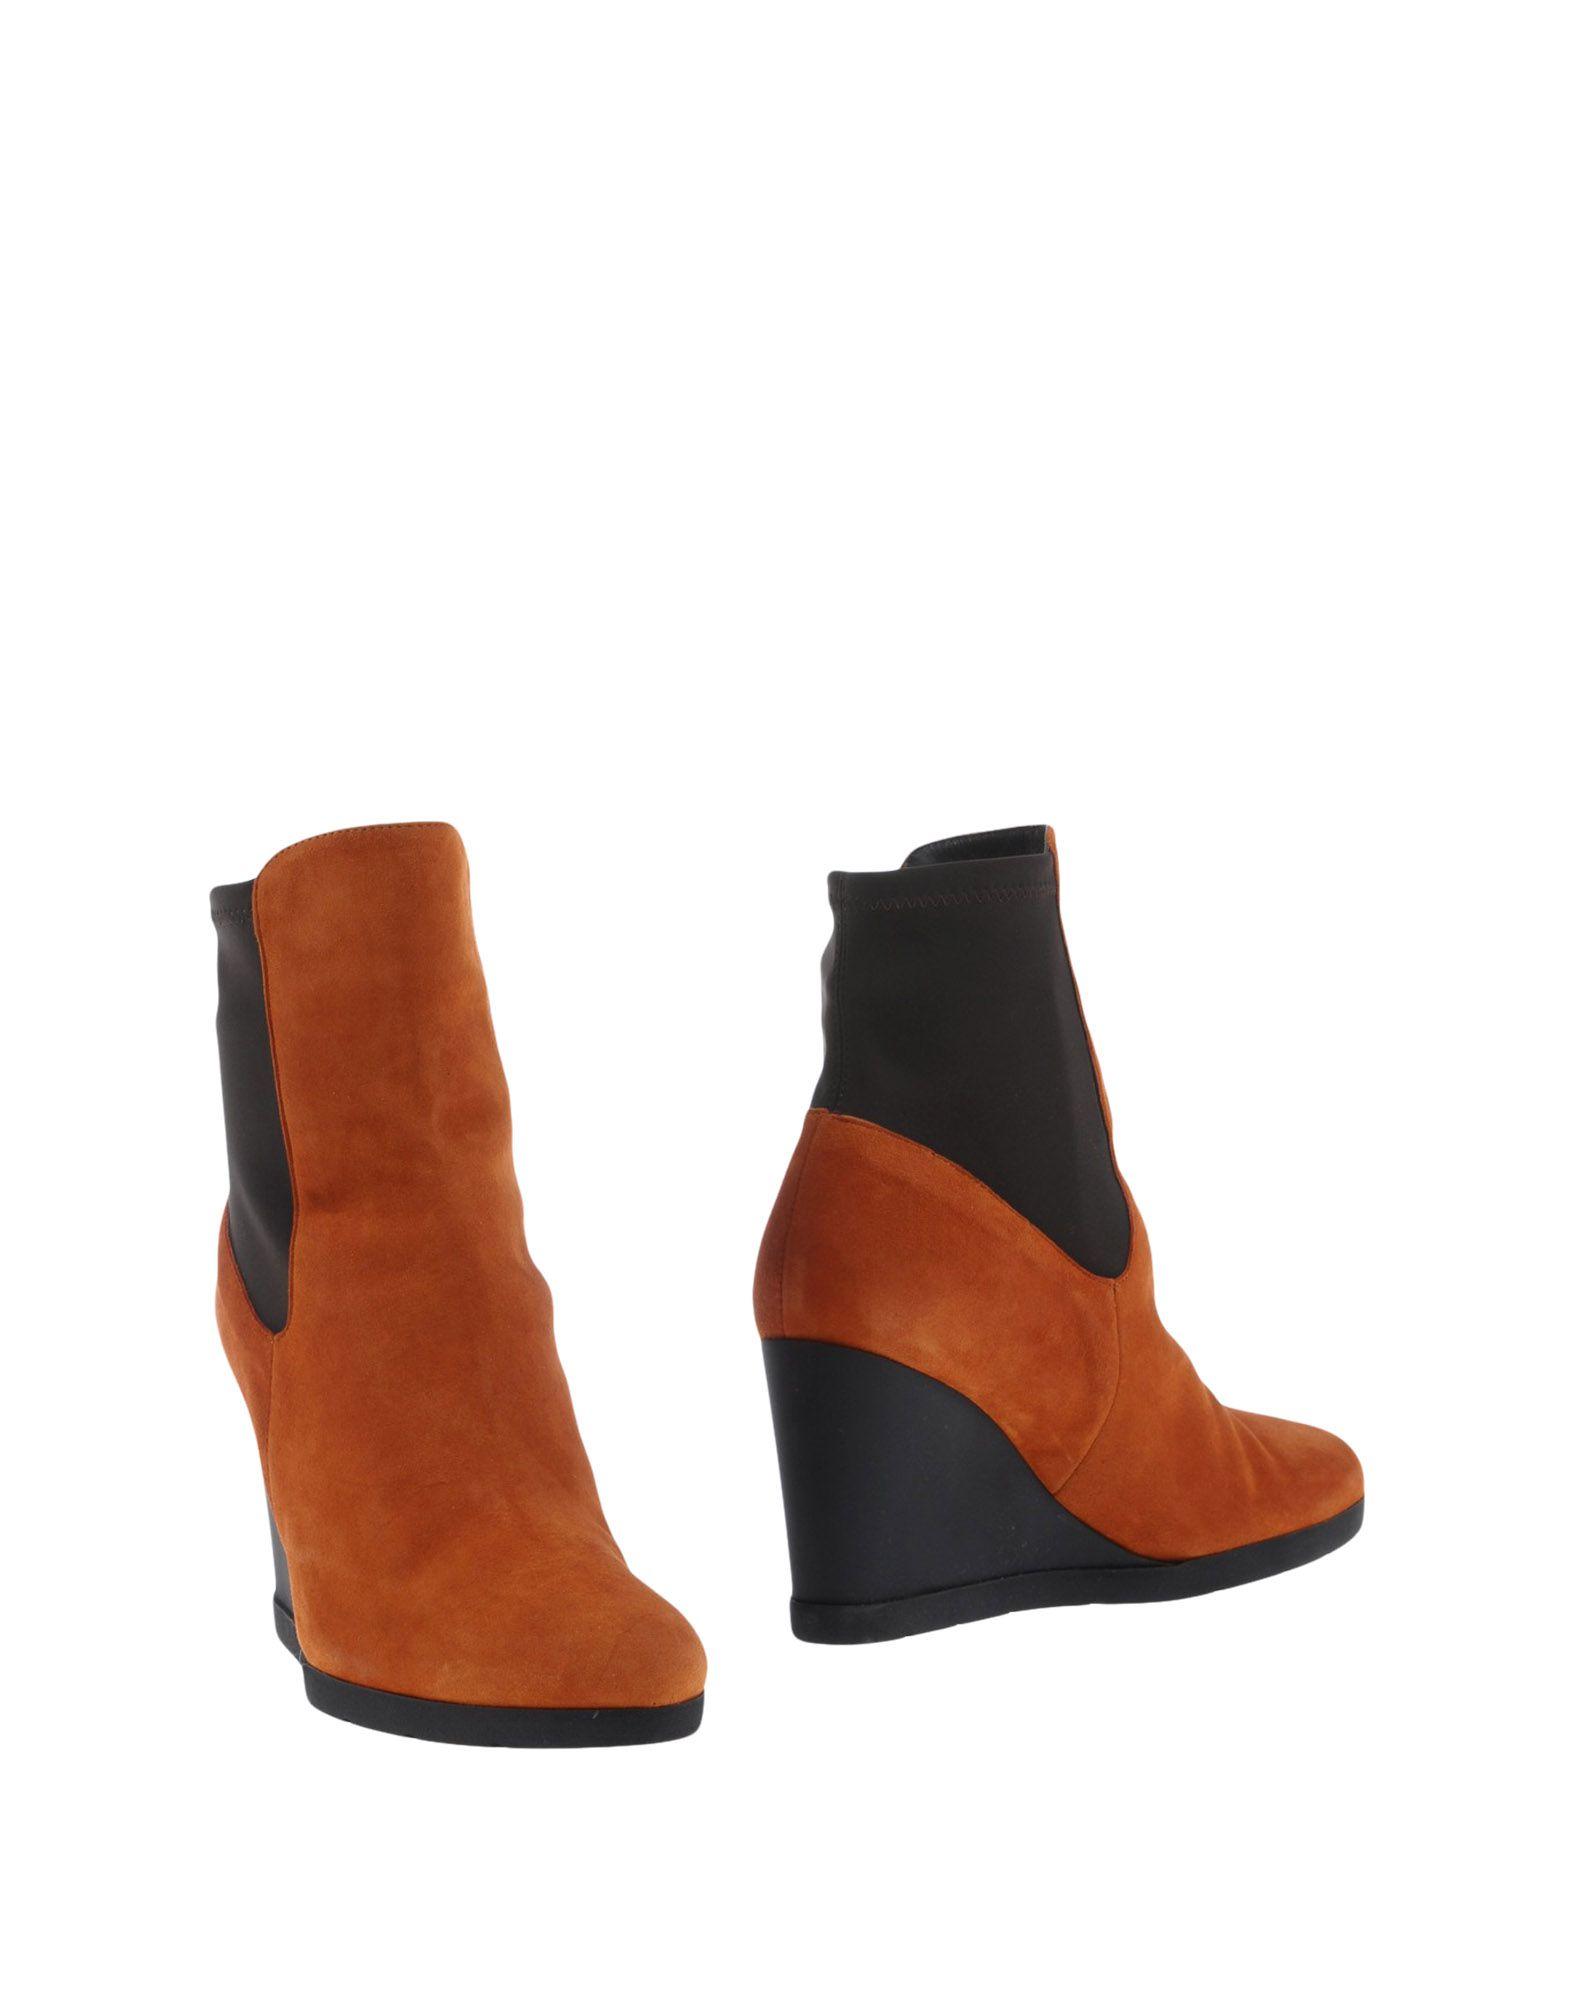 LARA MANNI Полусапоги и высокие ботинки lara lr00 15 bronze